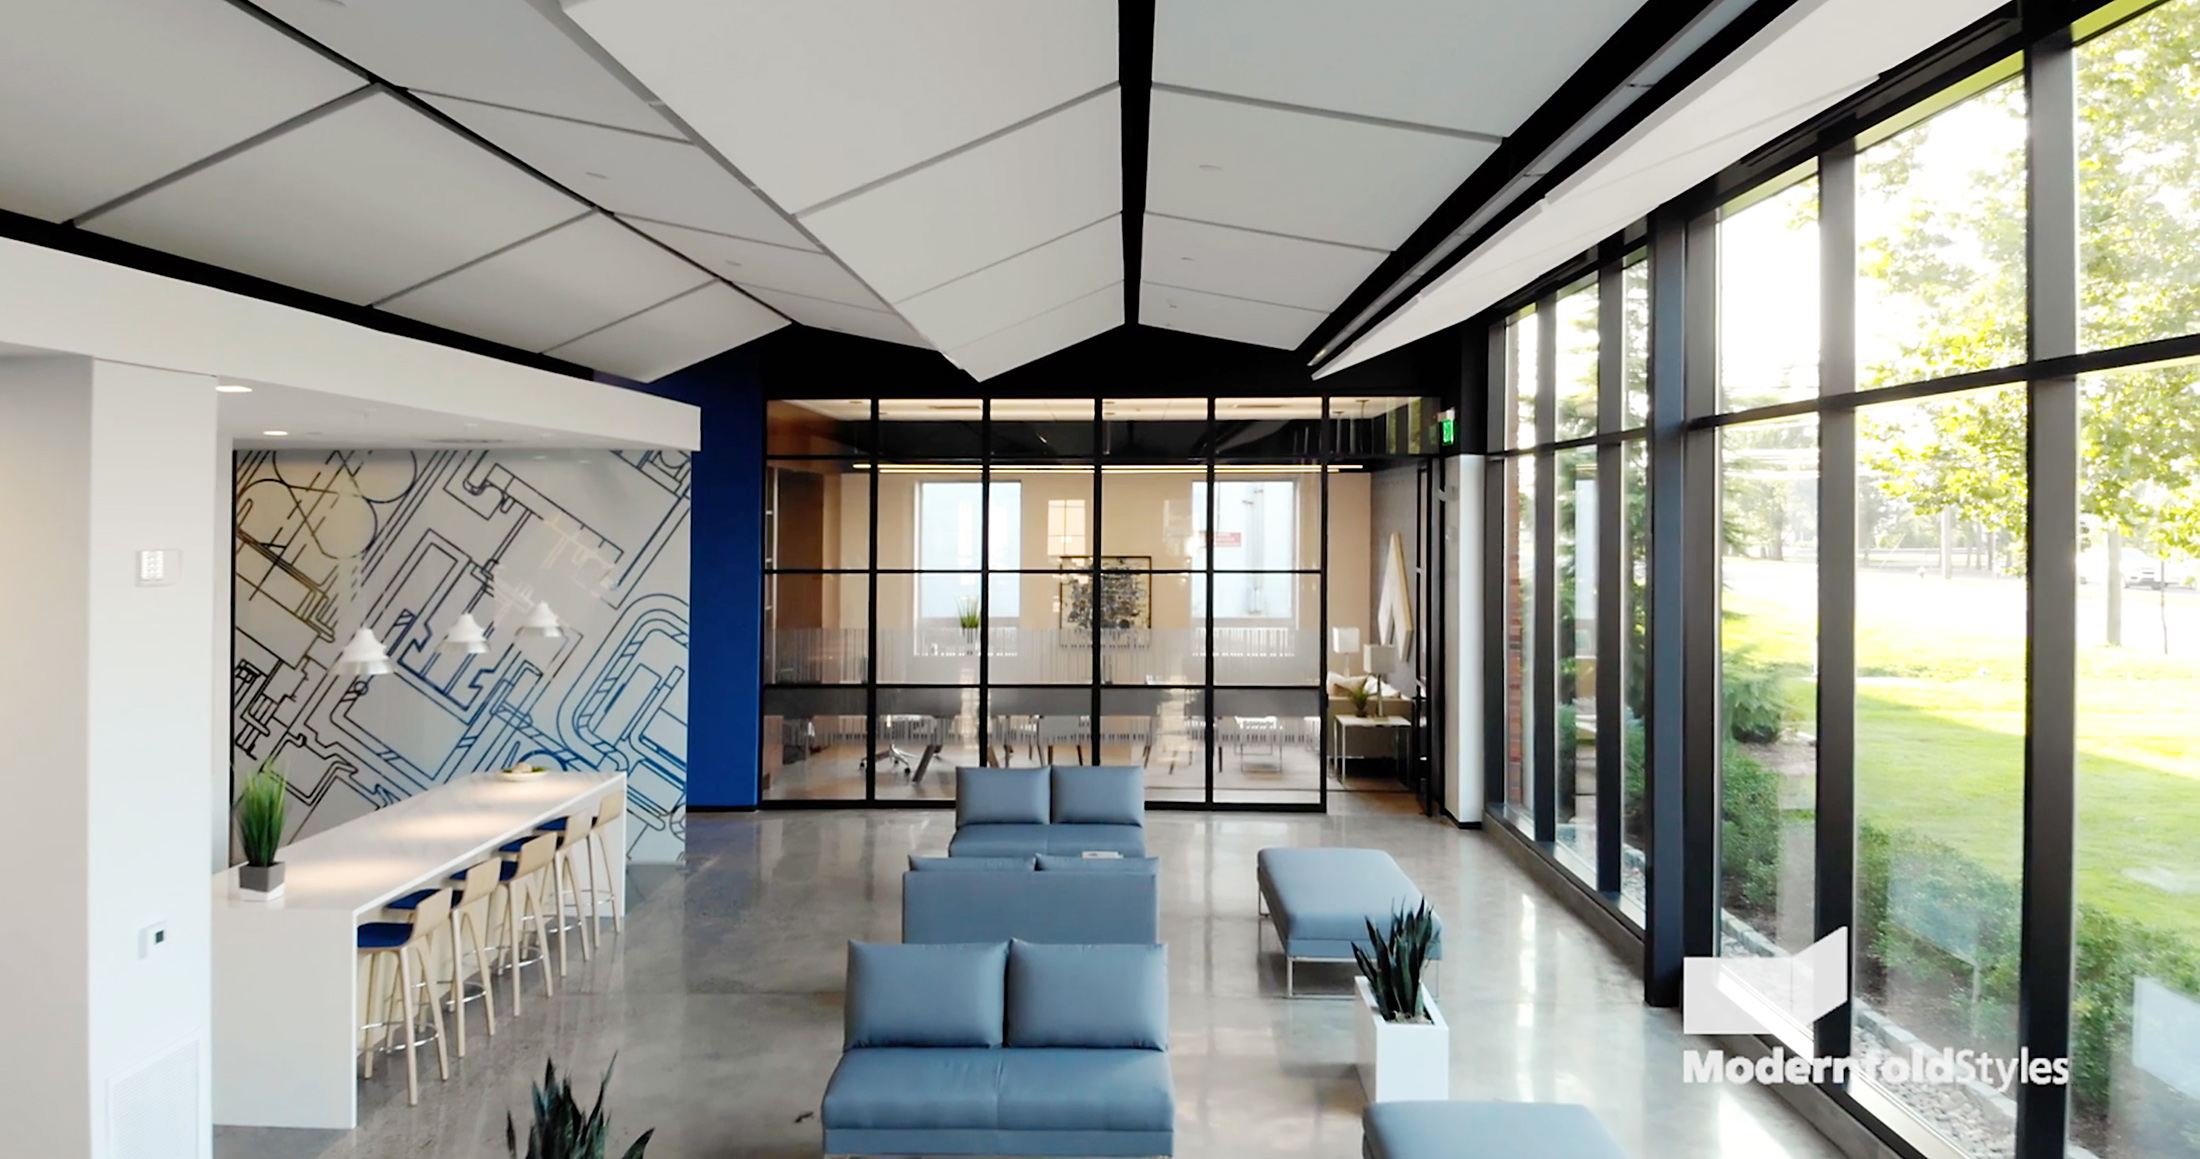 ModernfoldStyles Showroom Lobby